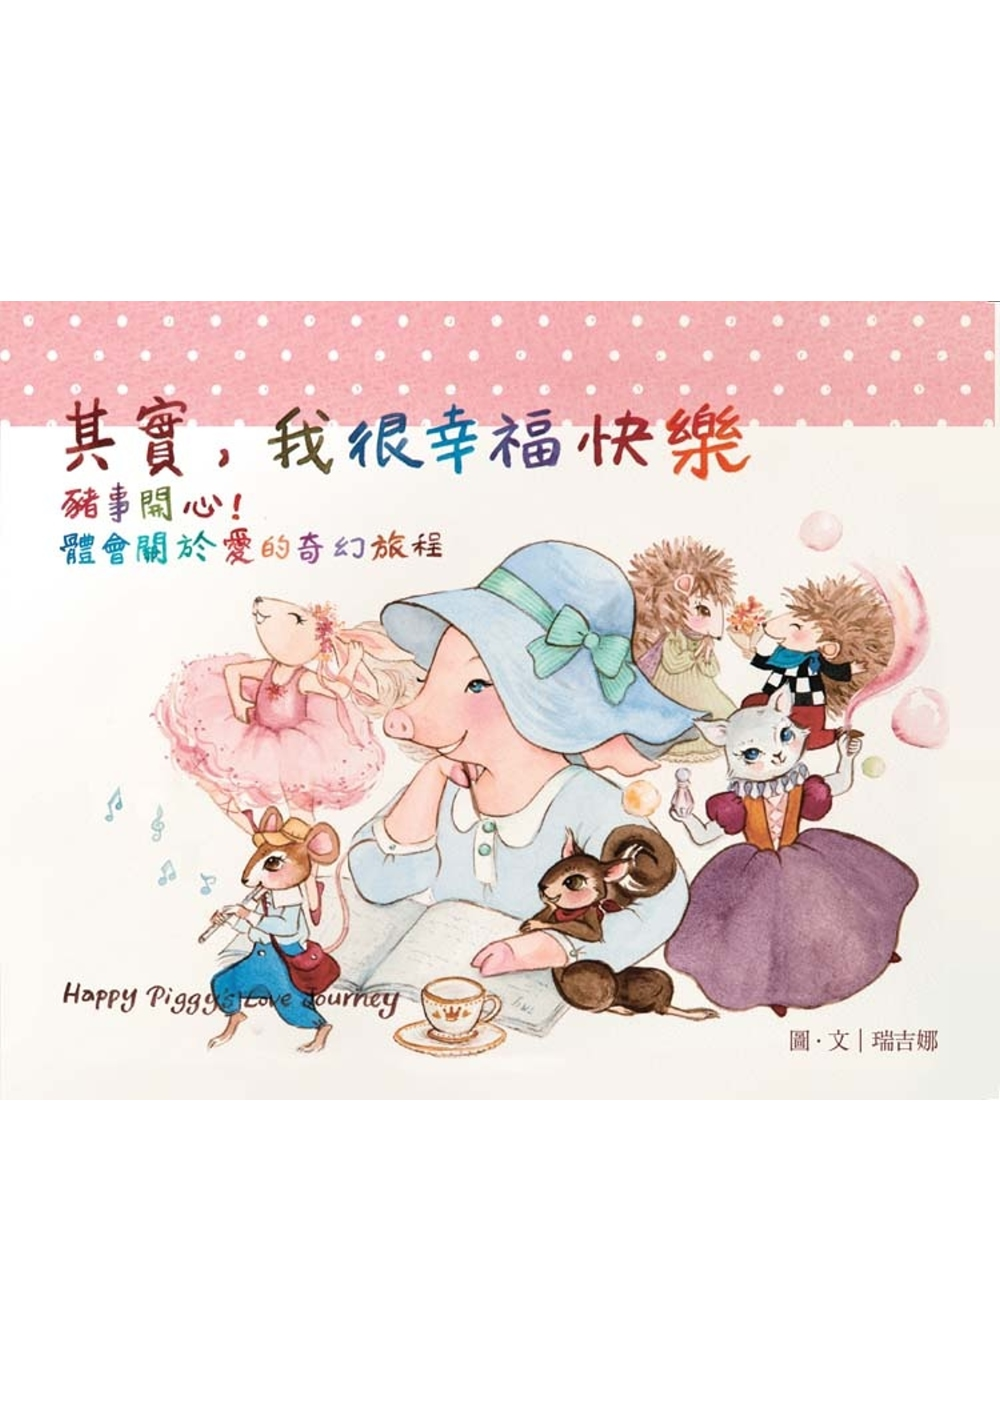 其實,我很幸福快樂:豬事開心!體會關於愛的奇幻旅程